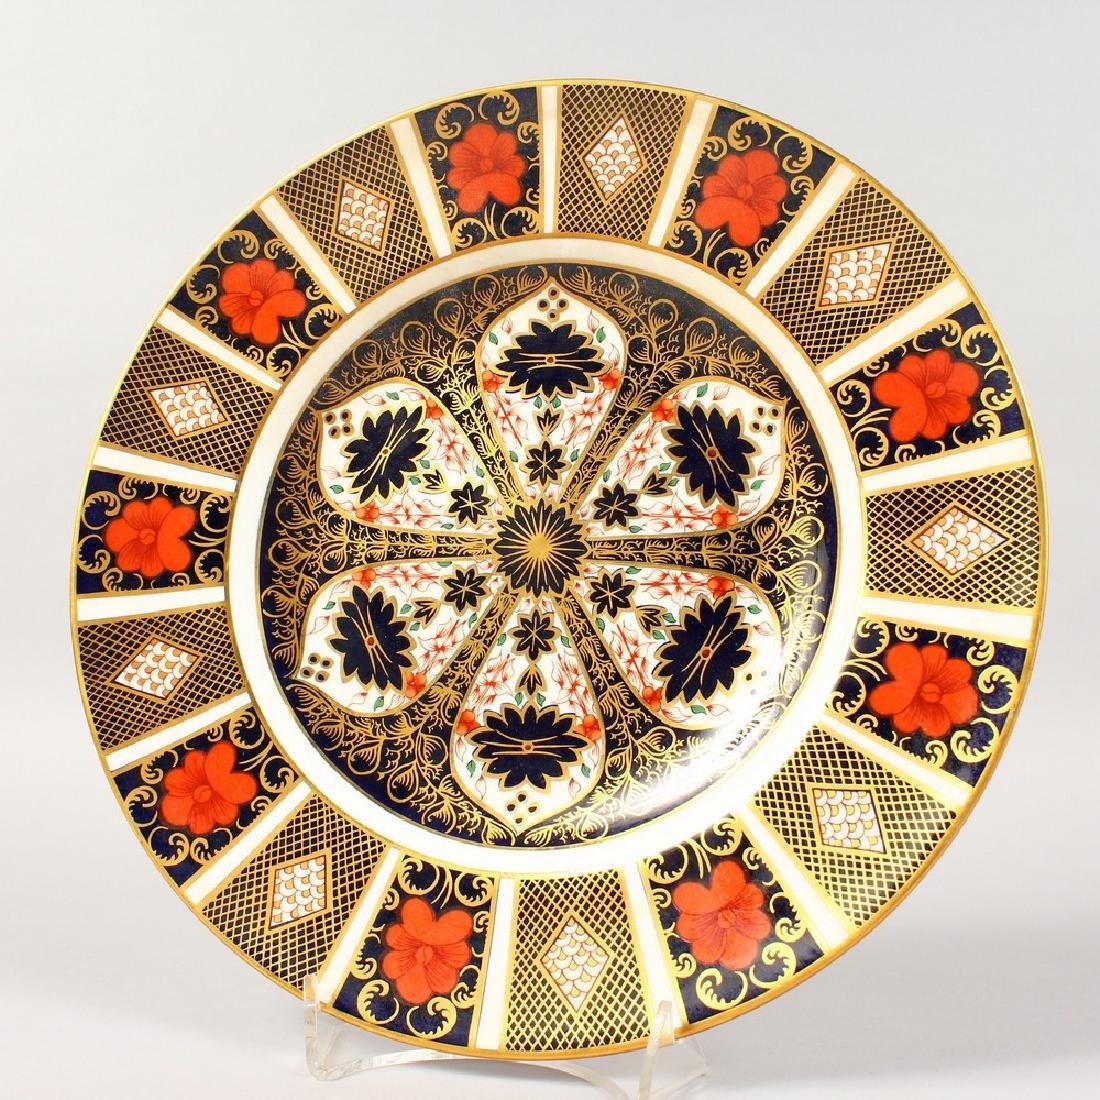 A ROYAL CROWN DERBY JAPAN PATTERN PLATE, Pattern 1128.